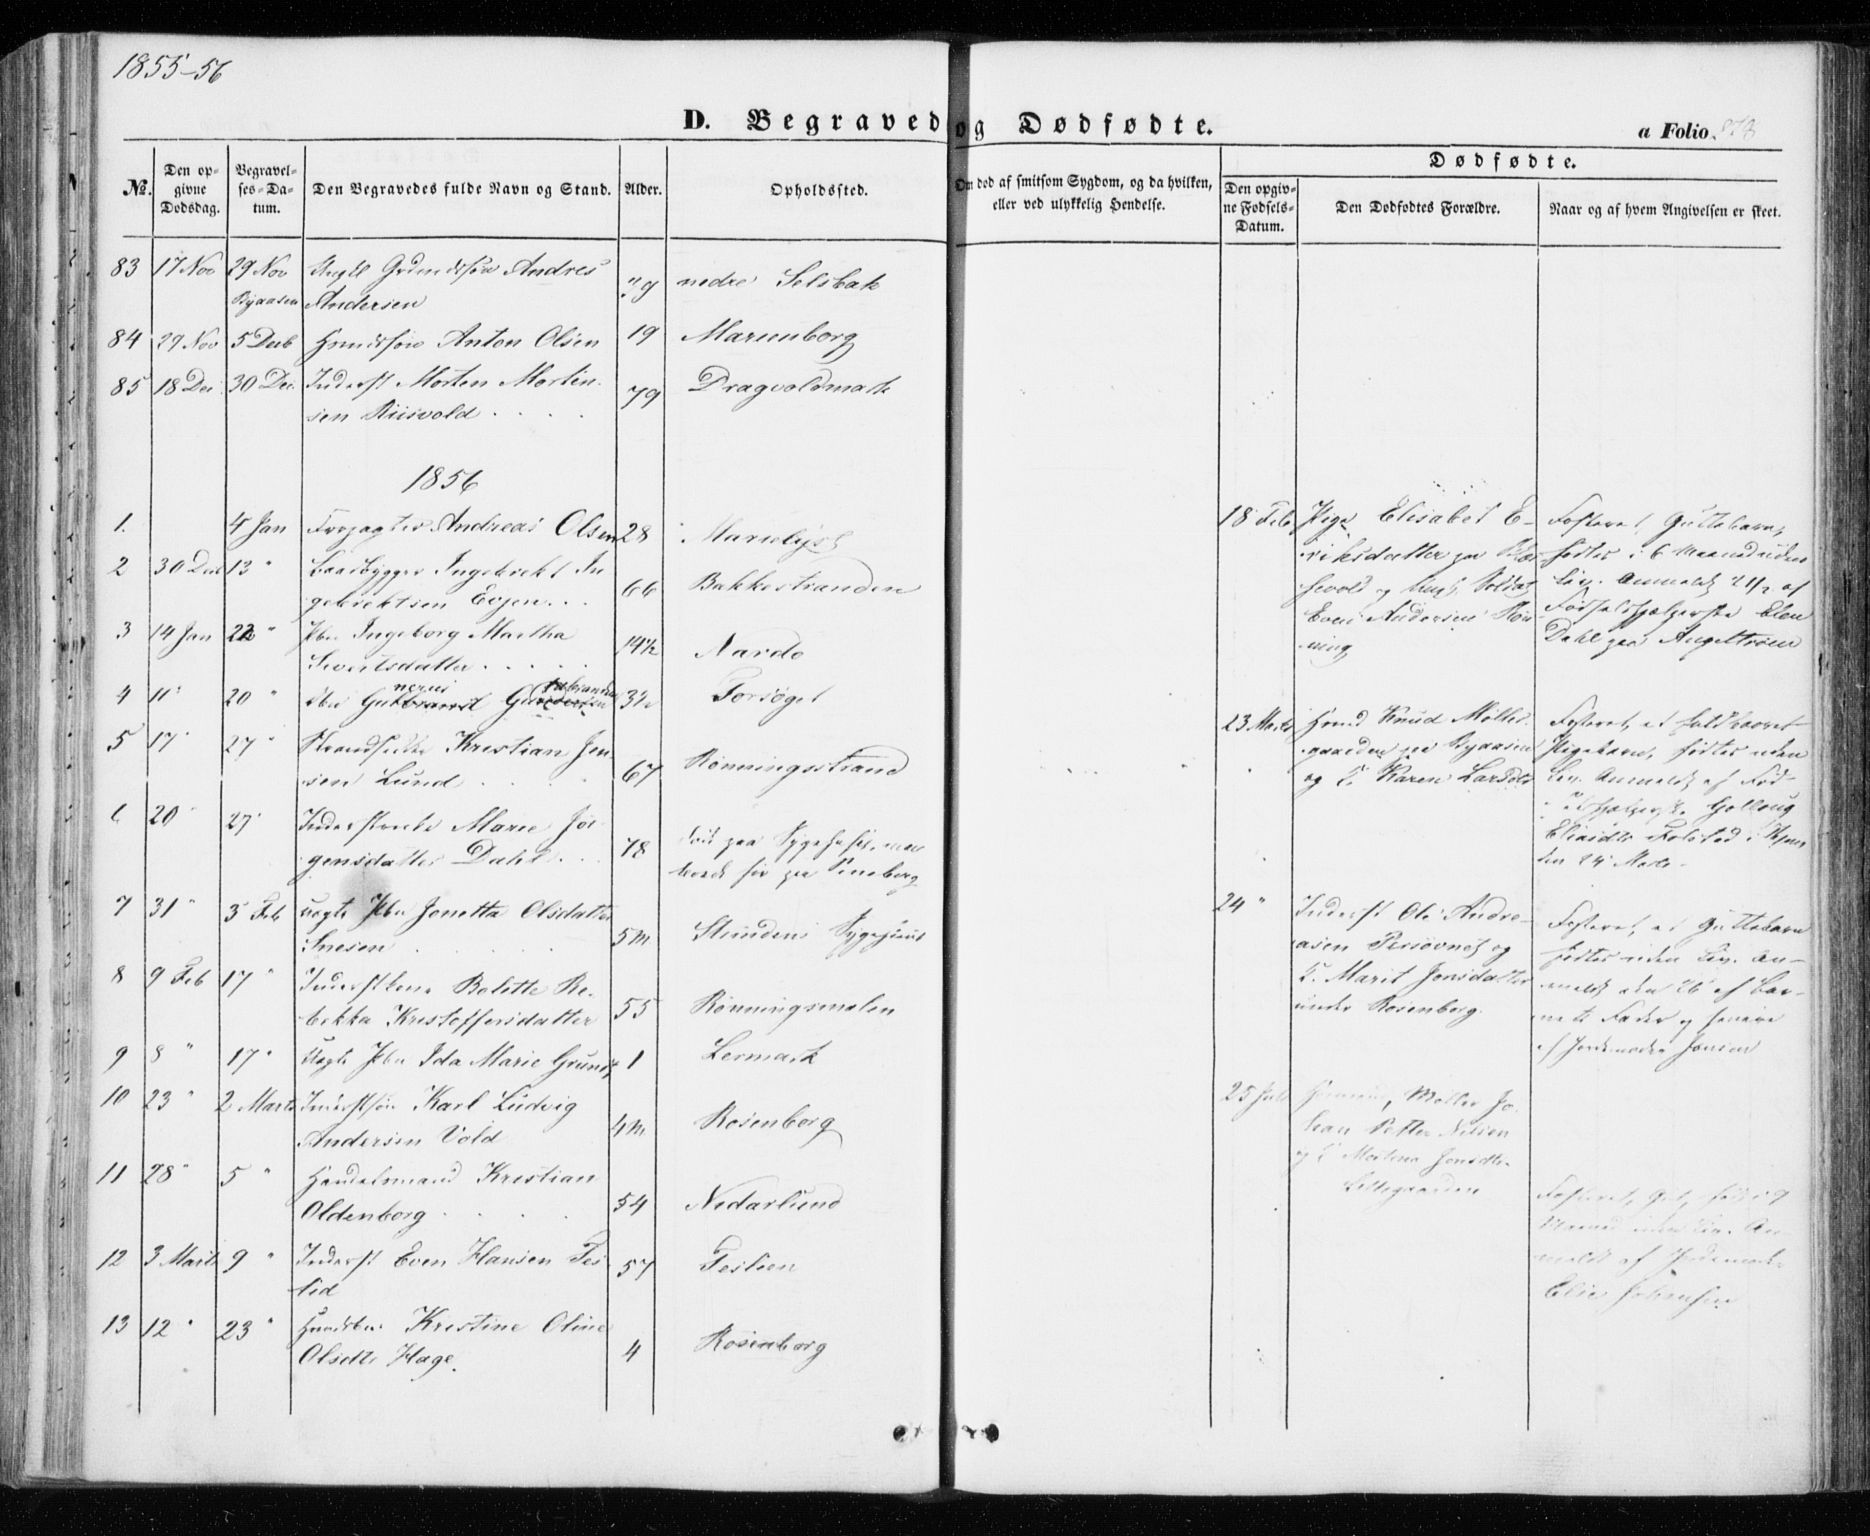 SAT, Ministerialprotokoller, klokkerbøker og fødselsregistre - Sør-Trøndelag, 606/L0291: Ministerialbok nr. 606A06, 1848-1856, s. 278